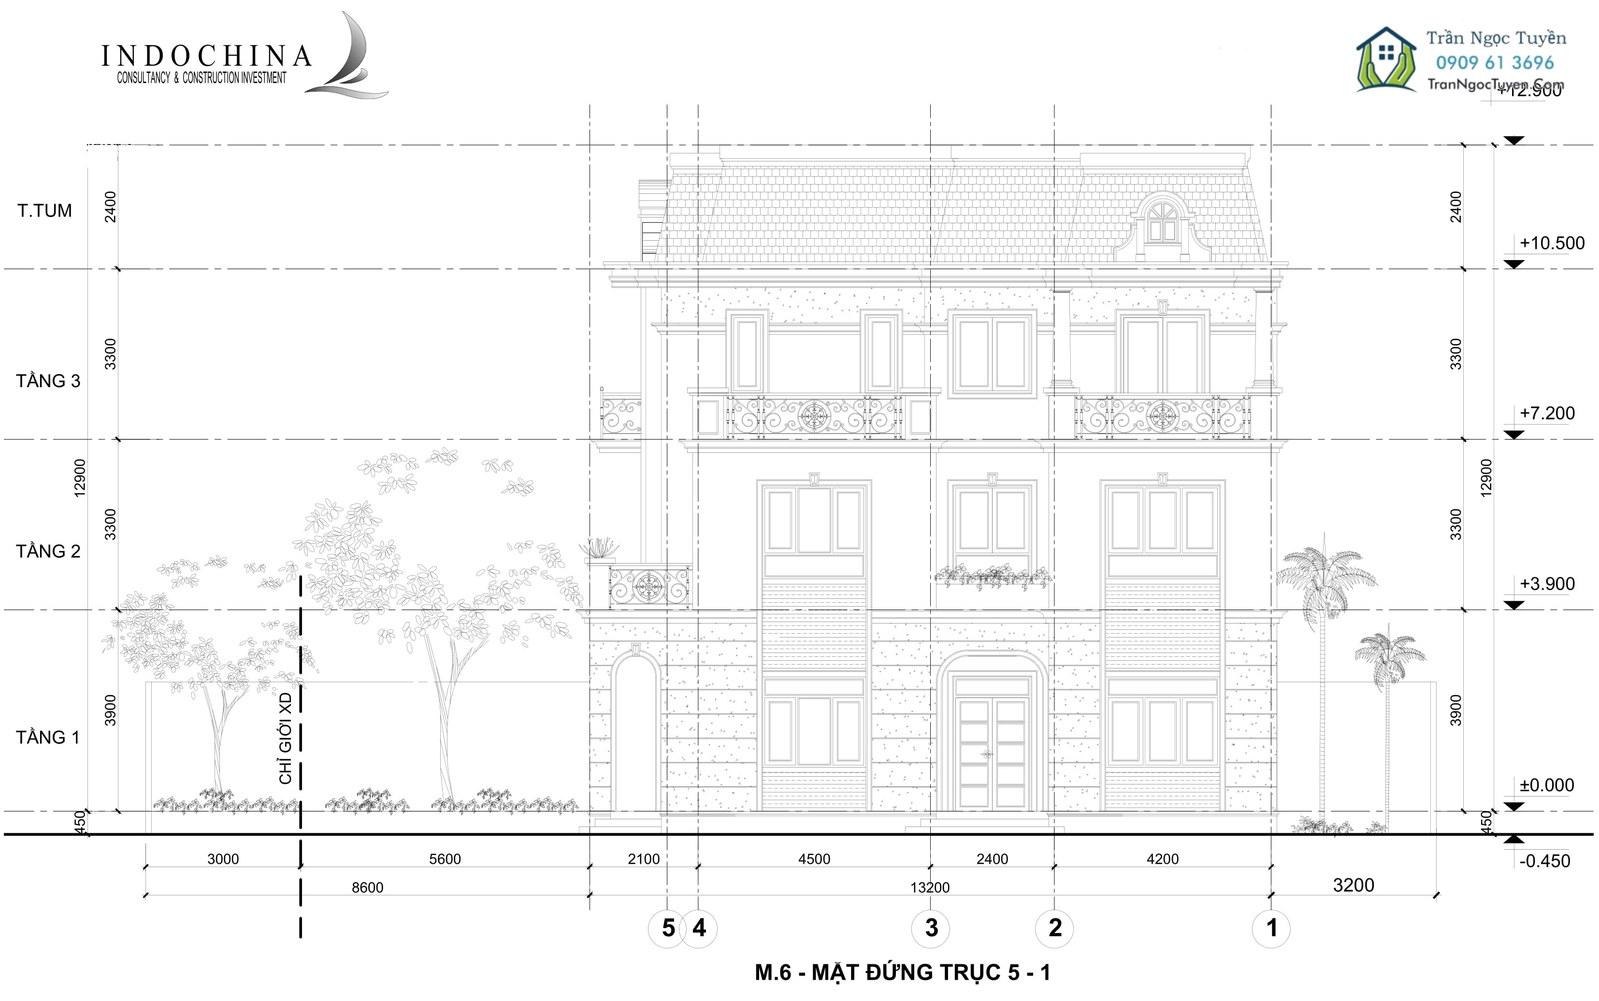 Mặt bằng biệt thự sinh thái Đan Phượng 400m2 trục 5-1 mẫu mới